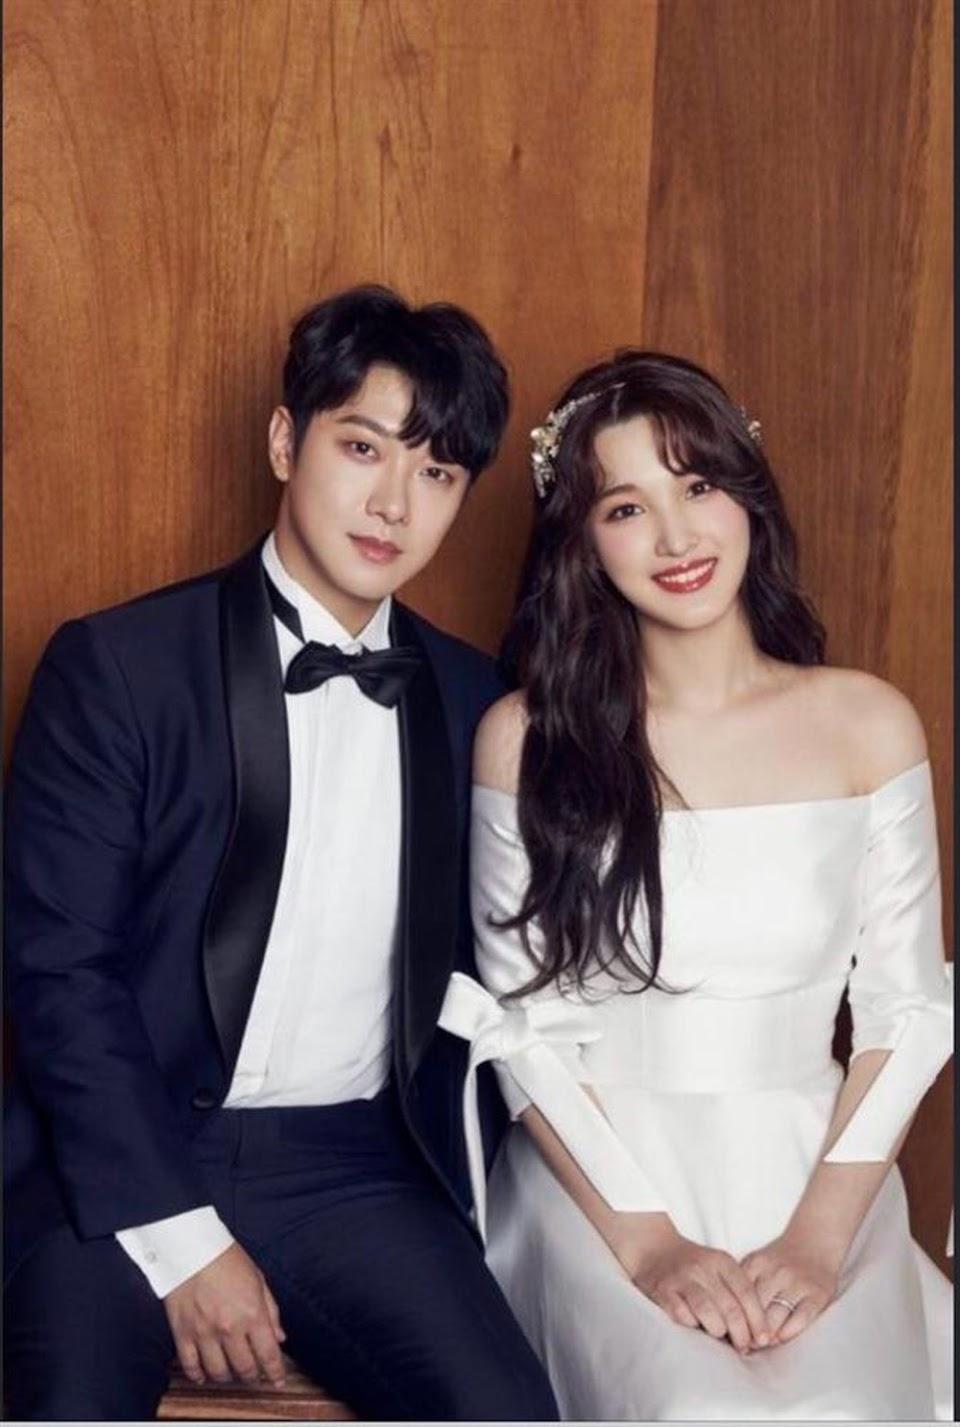 yulhee and minhwan